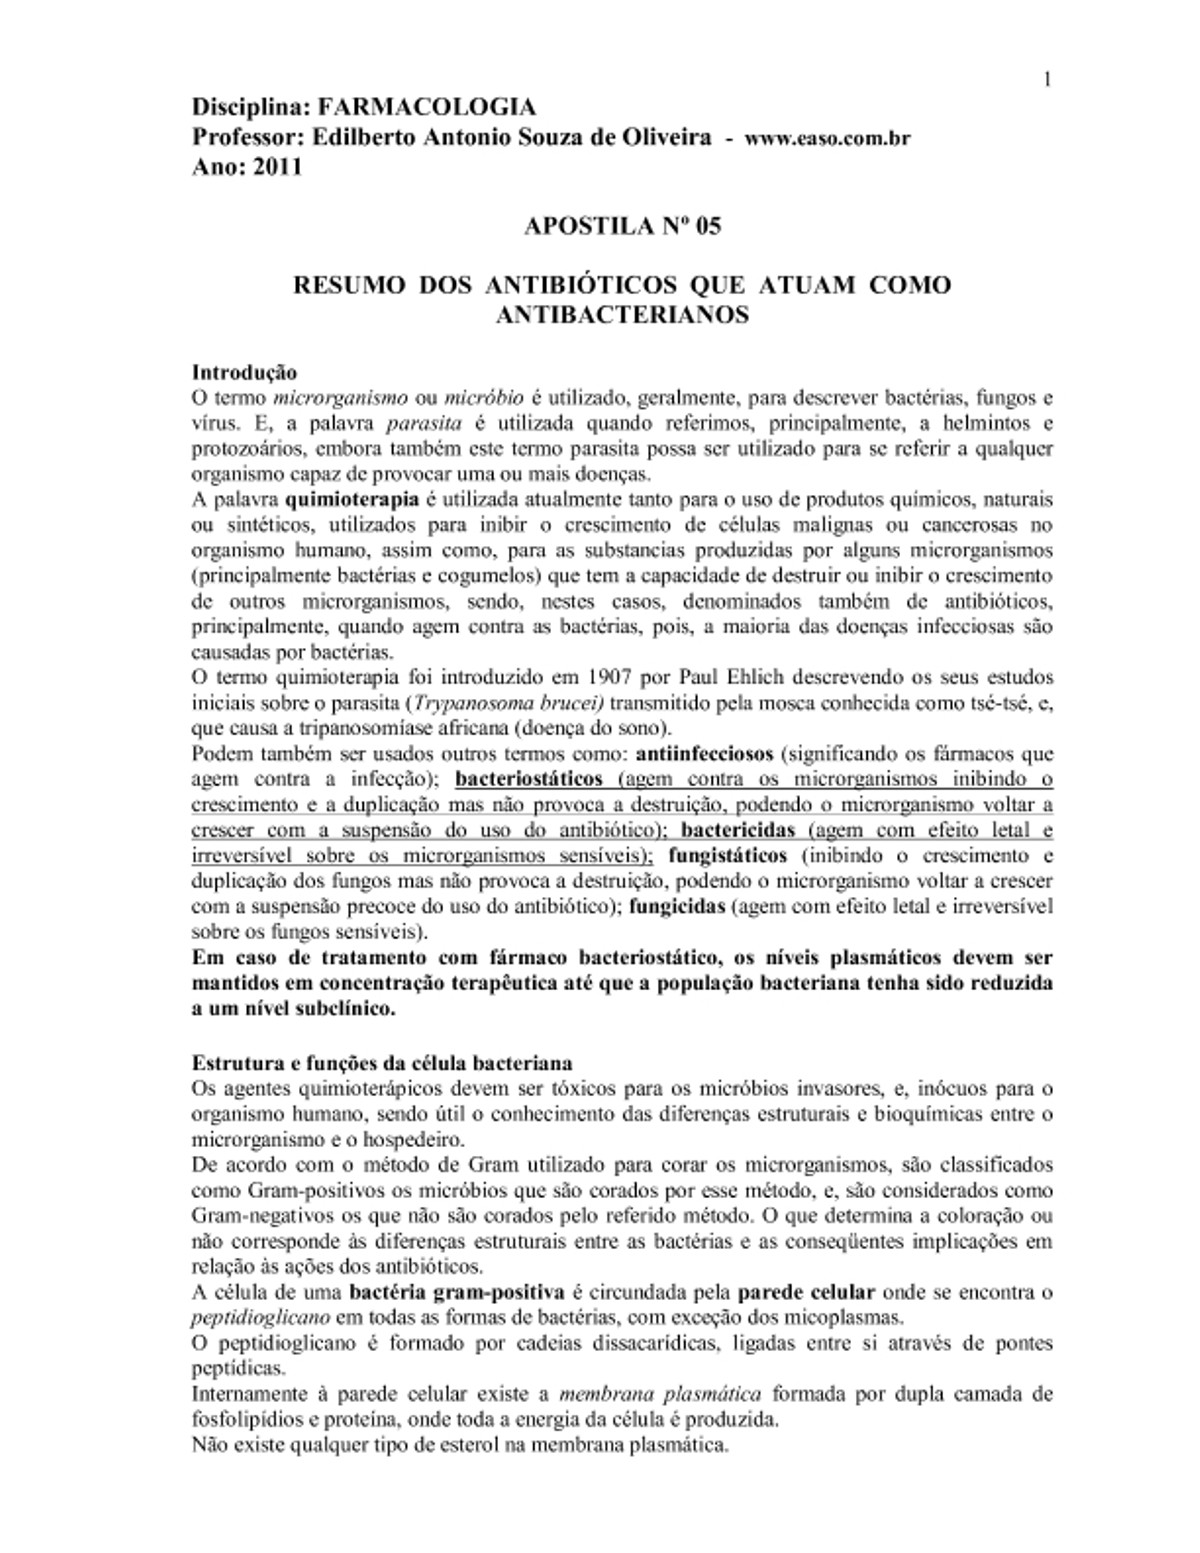 Pre-visualização do material Antibioticos Antibacterianos - página 1